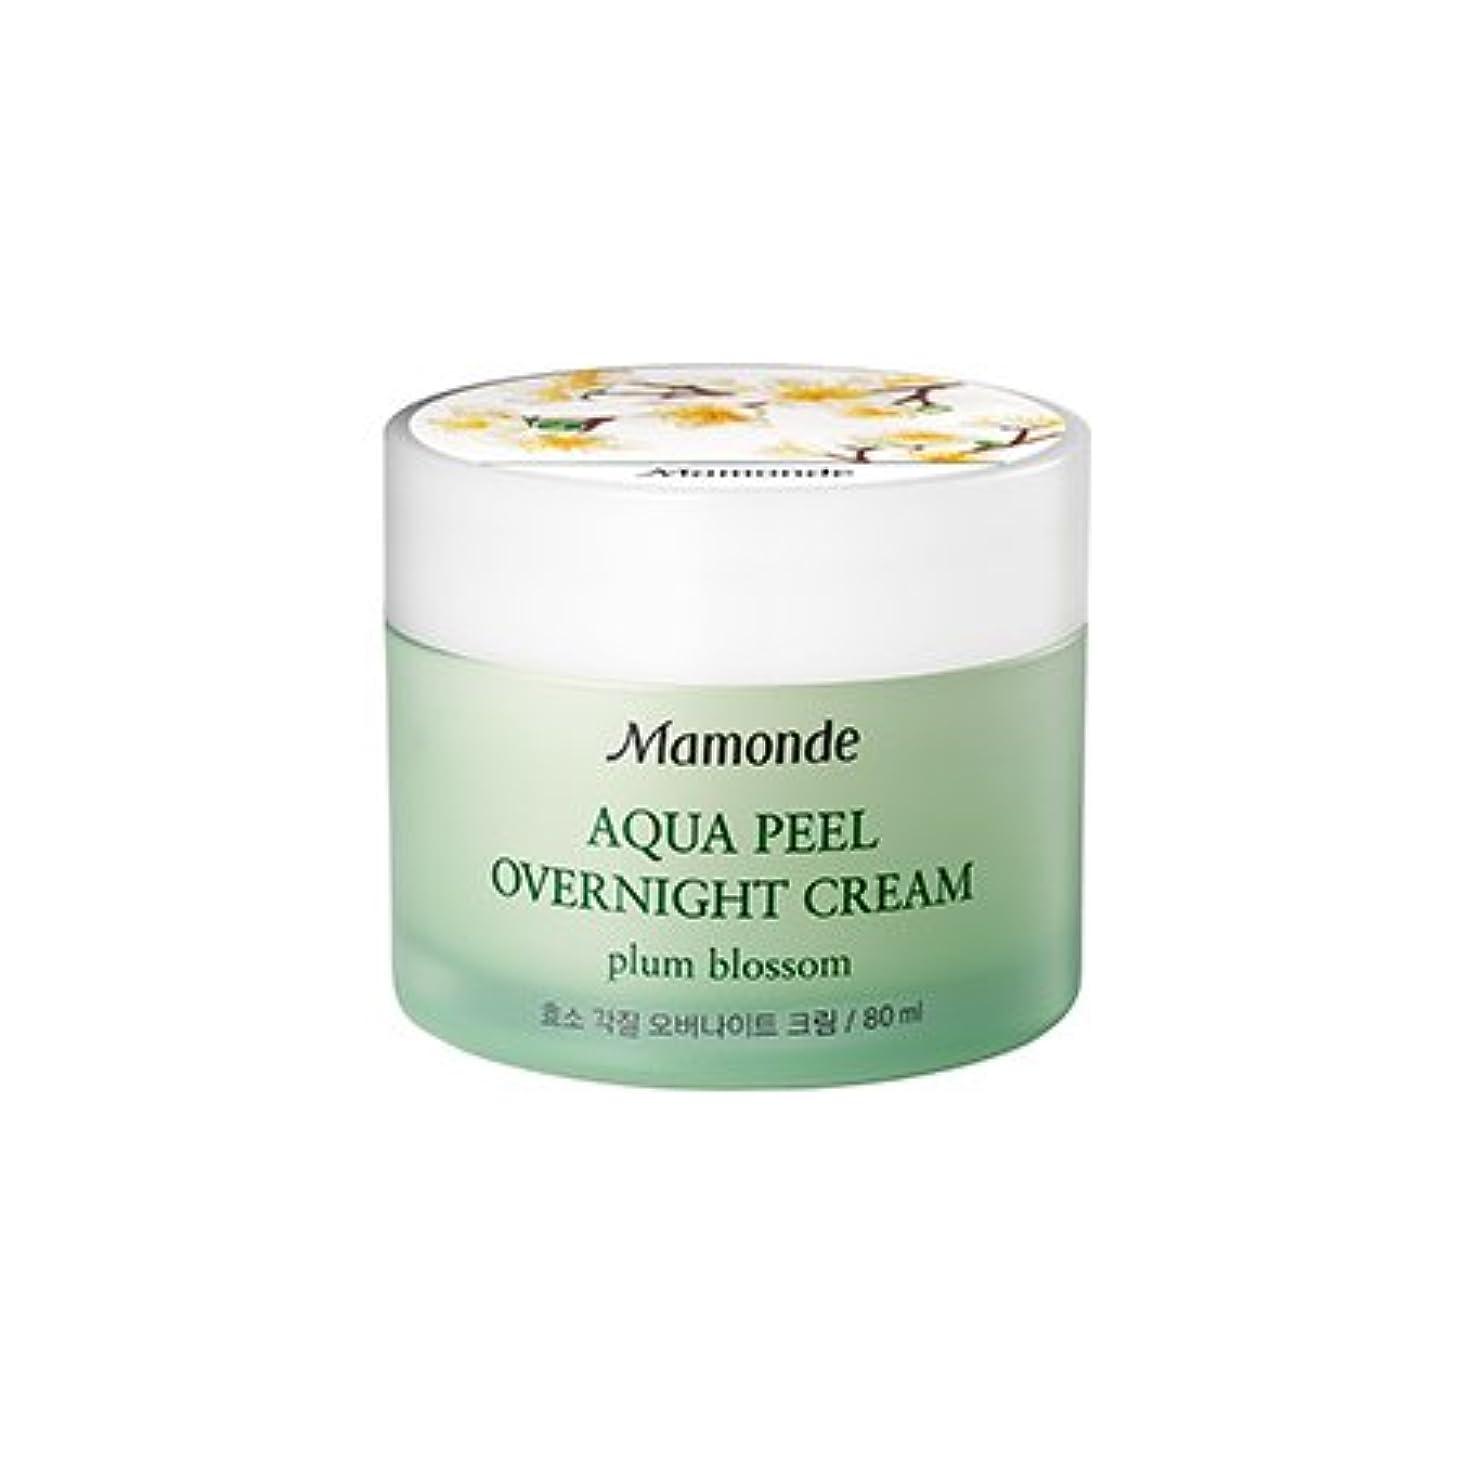 有益リングレット批判的Mamonde Aqua Peel Overnight Cream 80ml/マモンド アクア ピール オーバーナイト クリーム 80ml [並行輸入品]